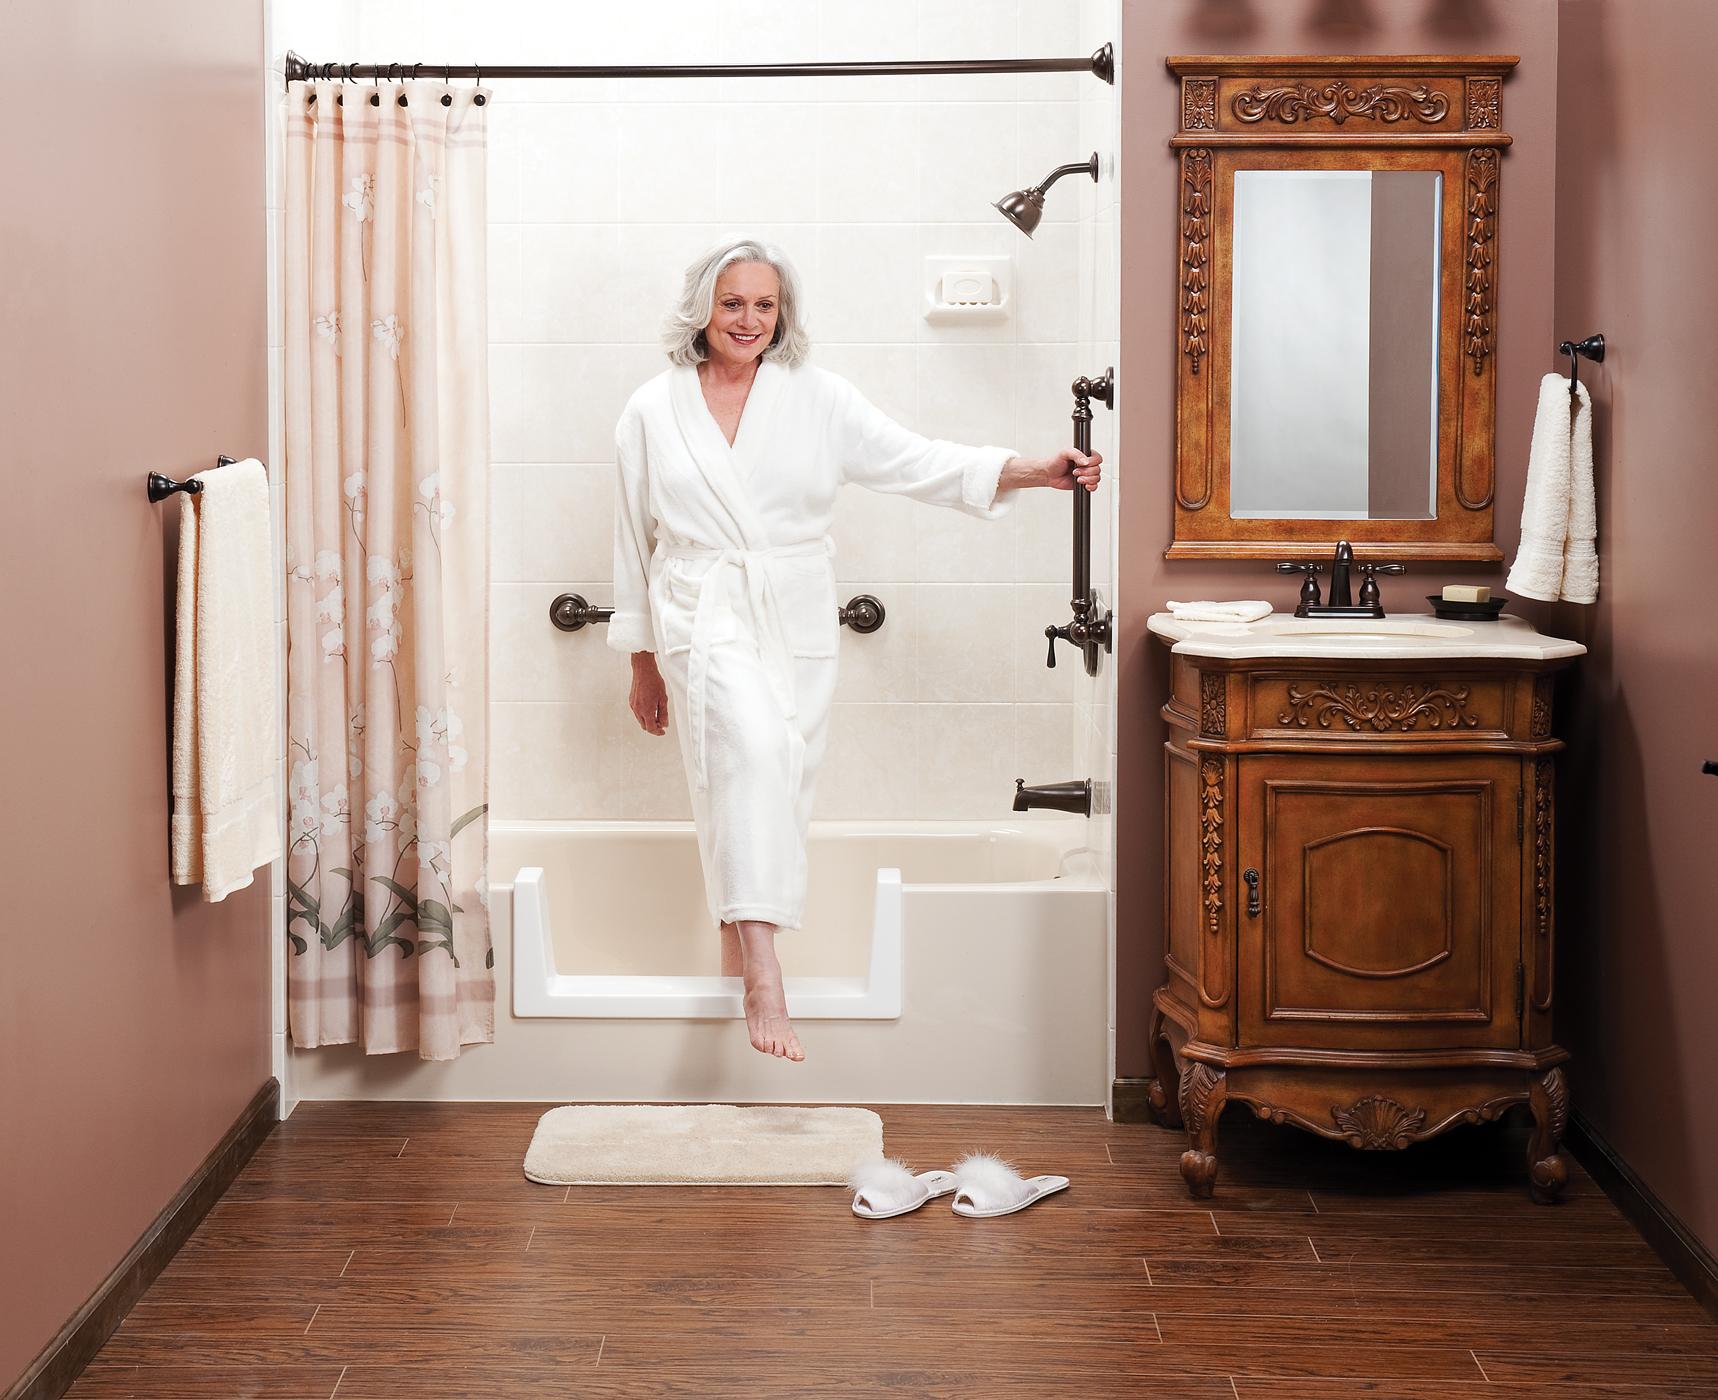 WCR August   Bathroom Remodel   St Petersburg FL   Tampa ...